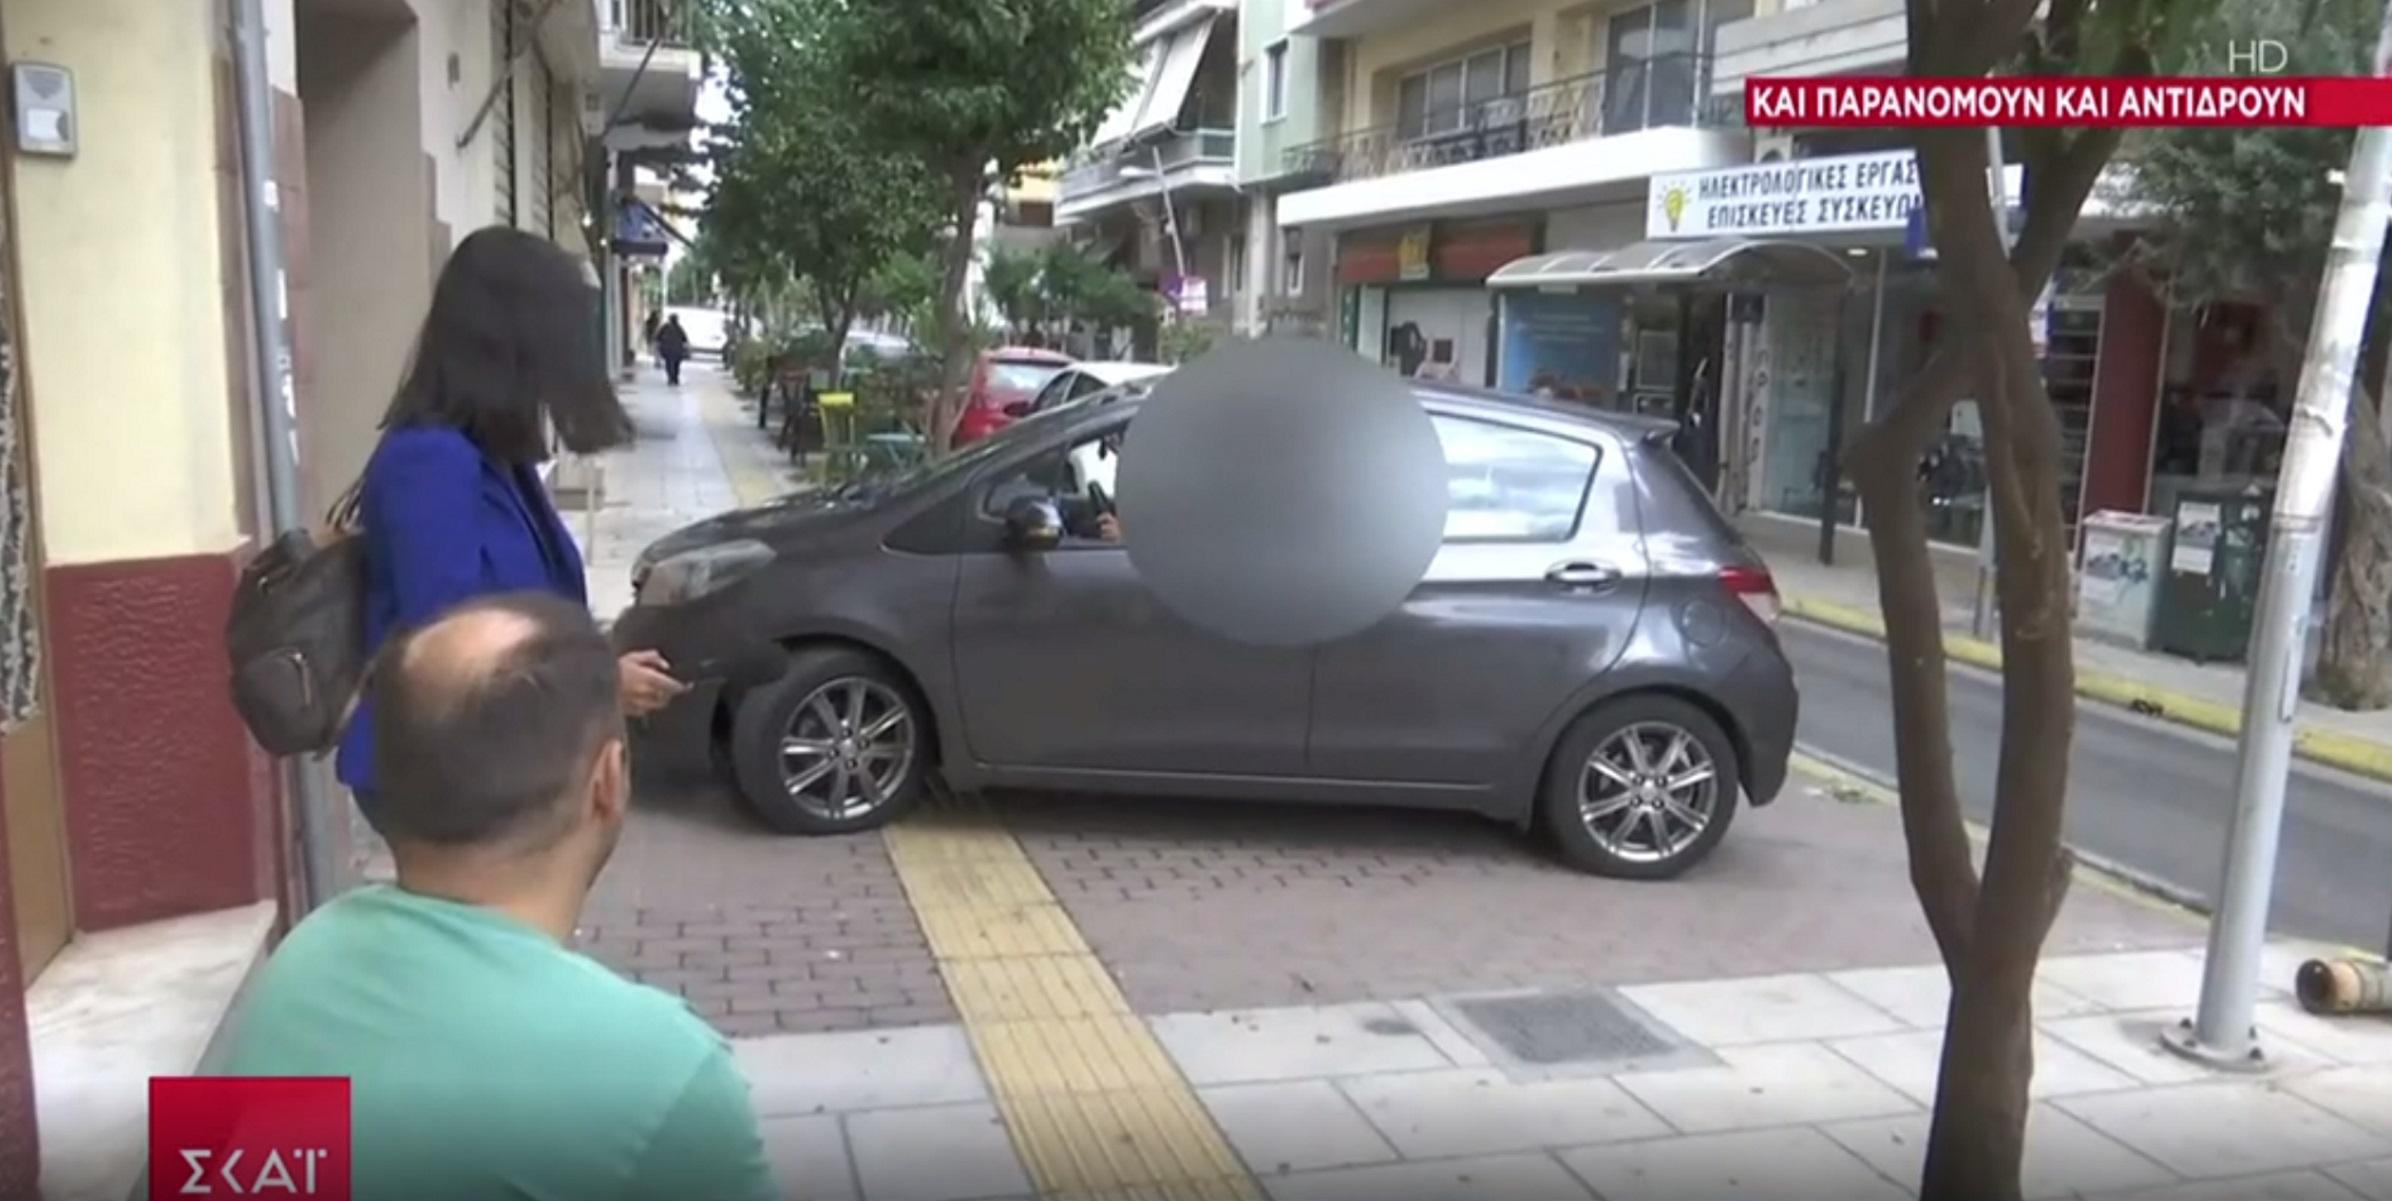 Βίντεο με ασυνείδητο οδηγό: Κλείνει ράμπα αναπήρων και βρίζει σε ζωντανή μετάδοση